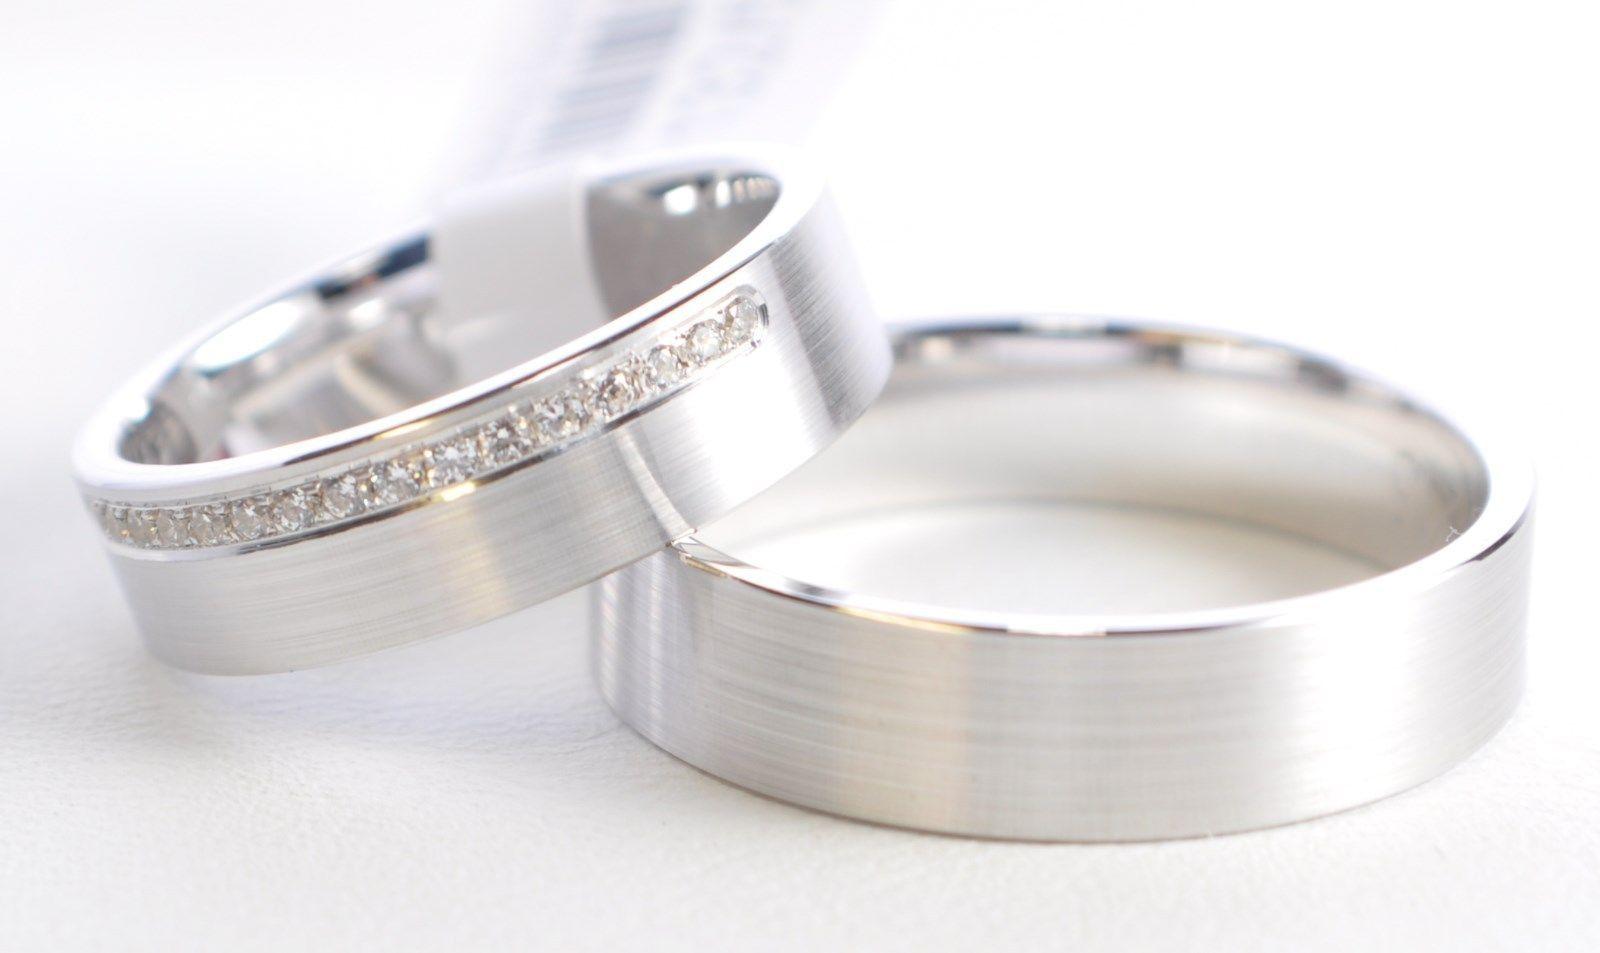 1 Paar Trauringe Hochzeitsringe Weissgold 585 Breite 5 3mm Anada